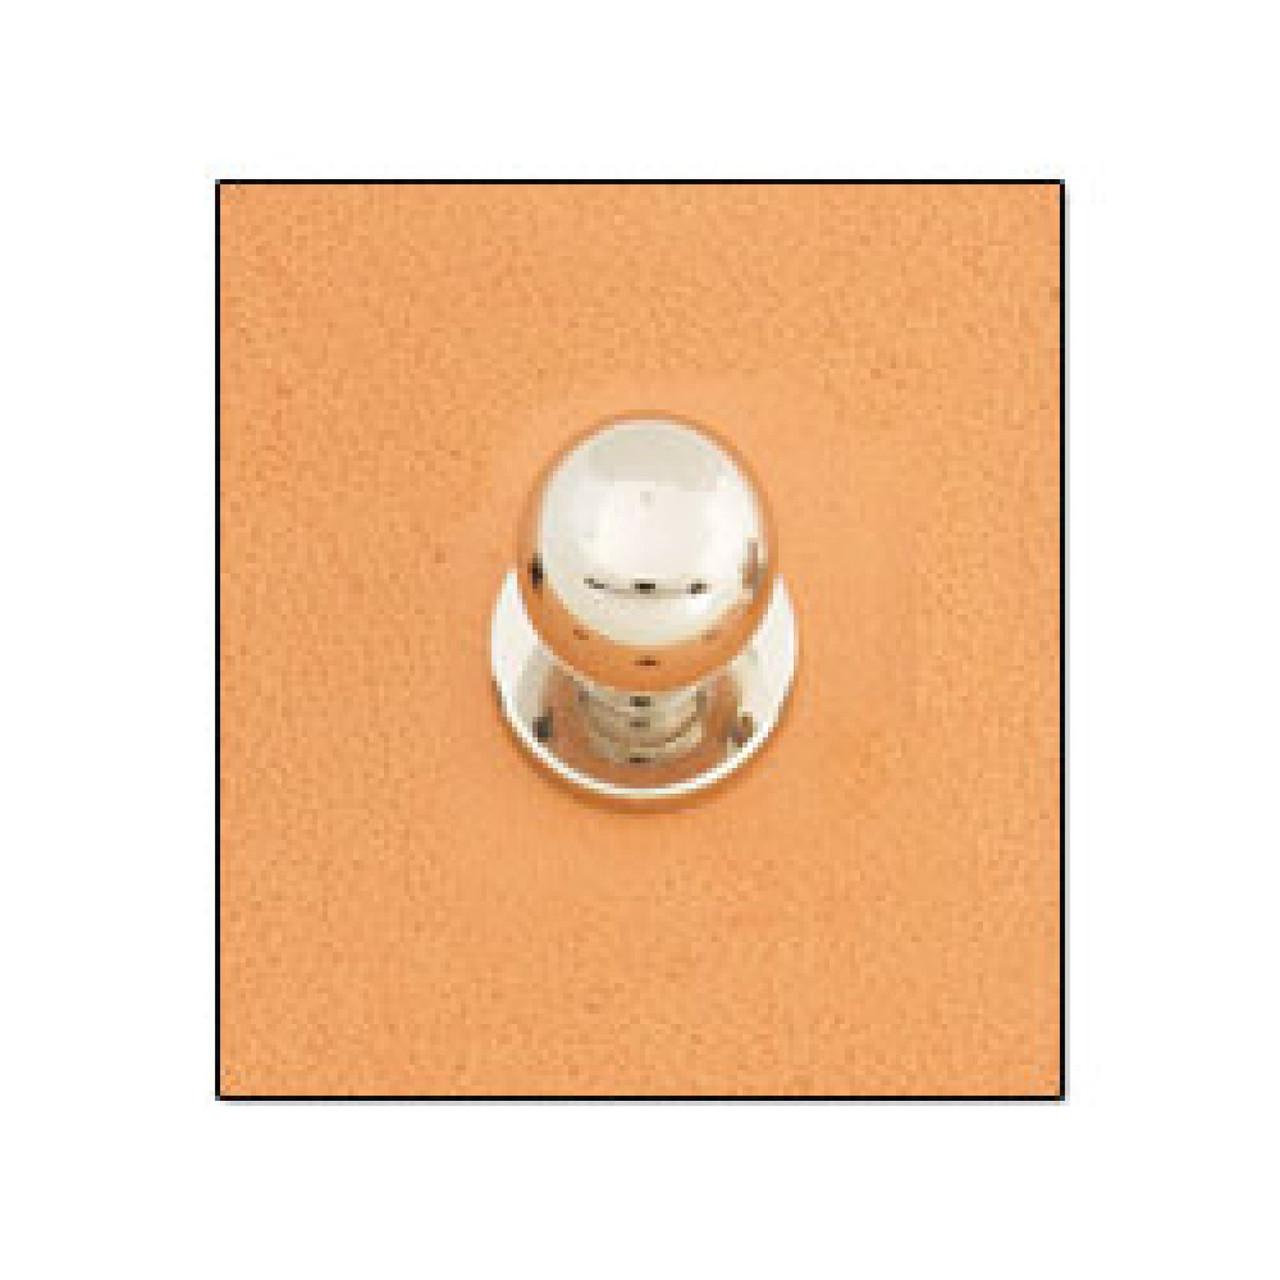 """Button Stud 5/16"""" (8 mm) Screwback Nickel Free Nickel Plate"""